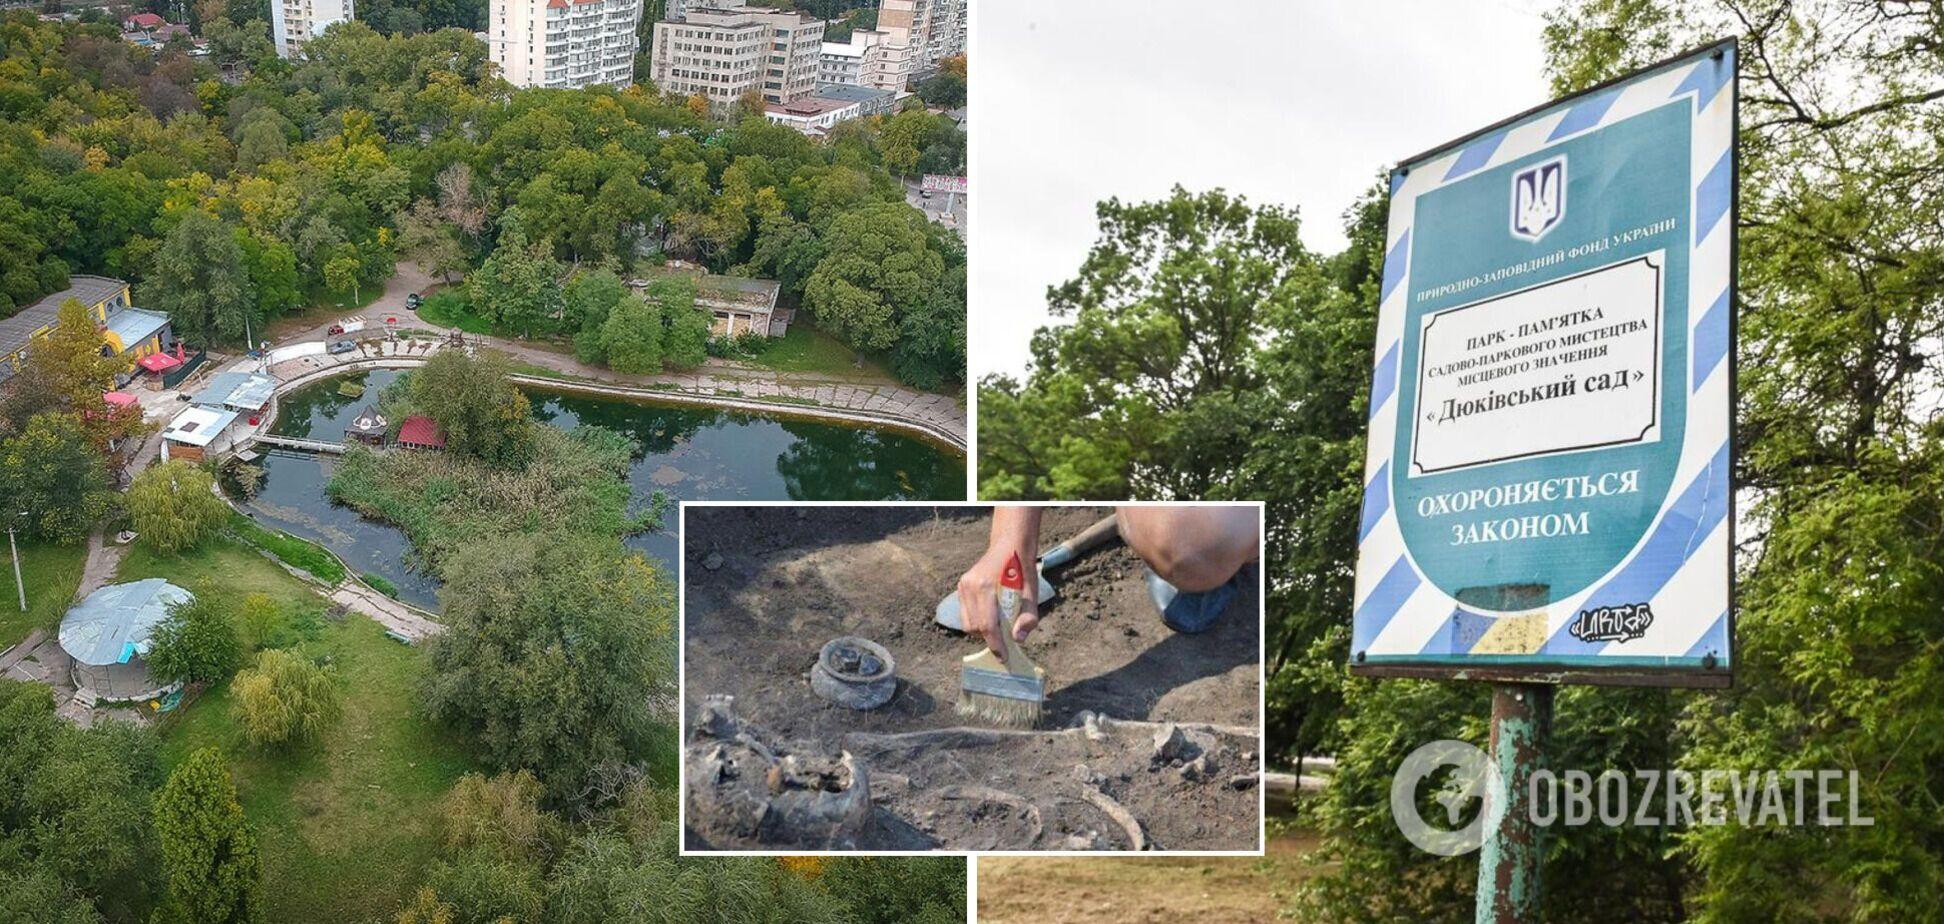 В Одесі знайшли артефакти кам'яної доби, яким може бути 10 тис. років. Фото